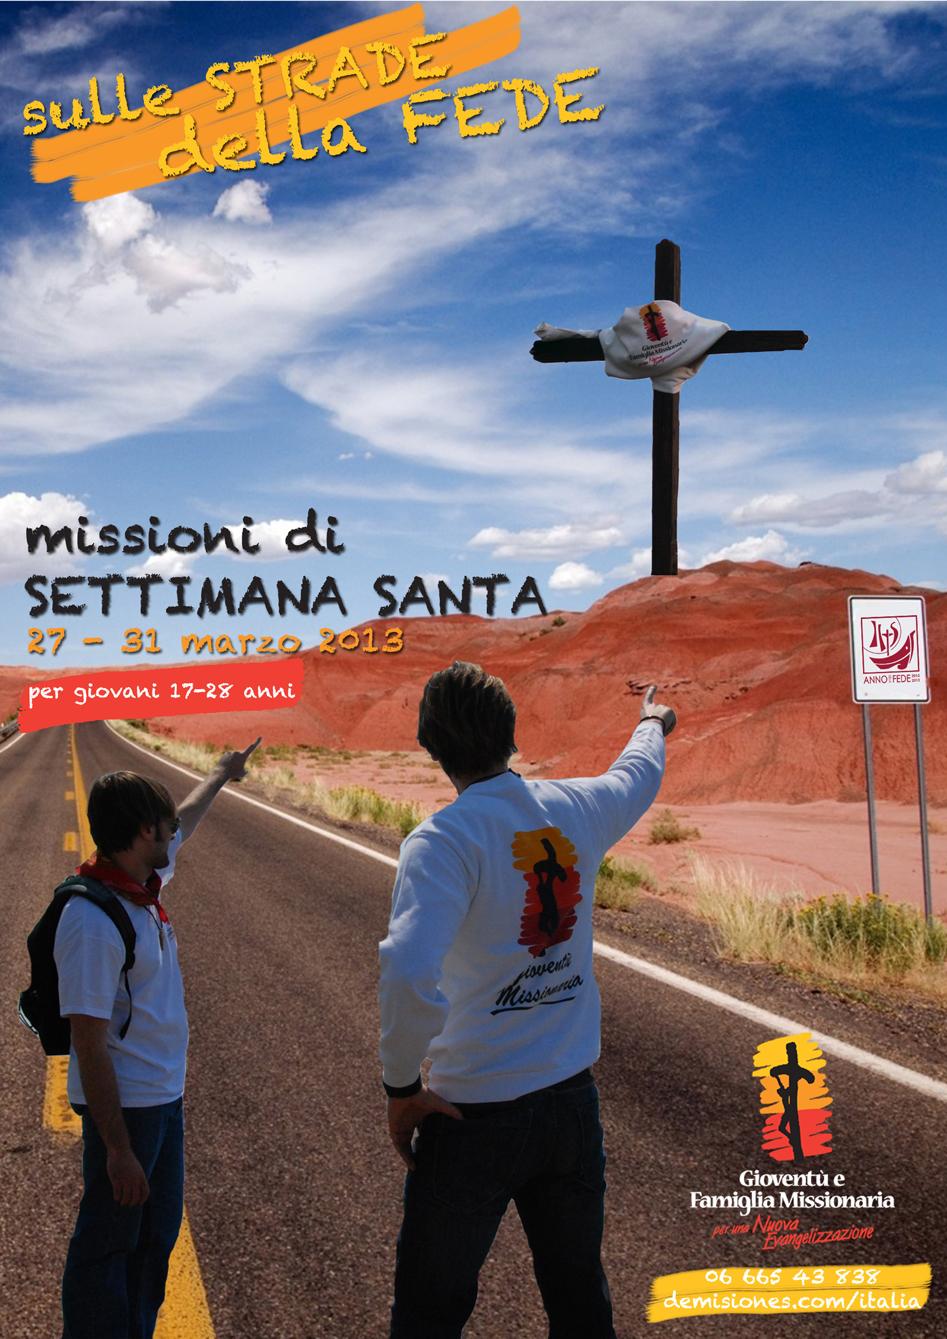 Missioni di Settimana Santa 2013